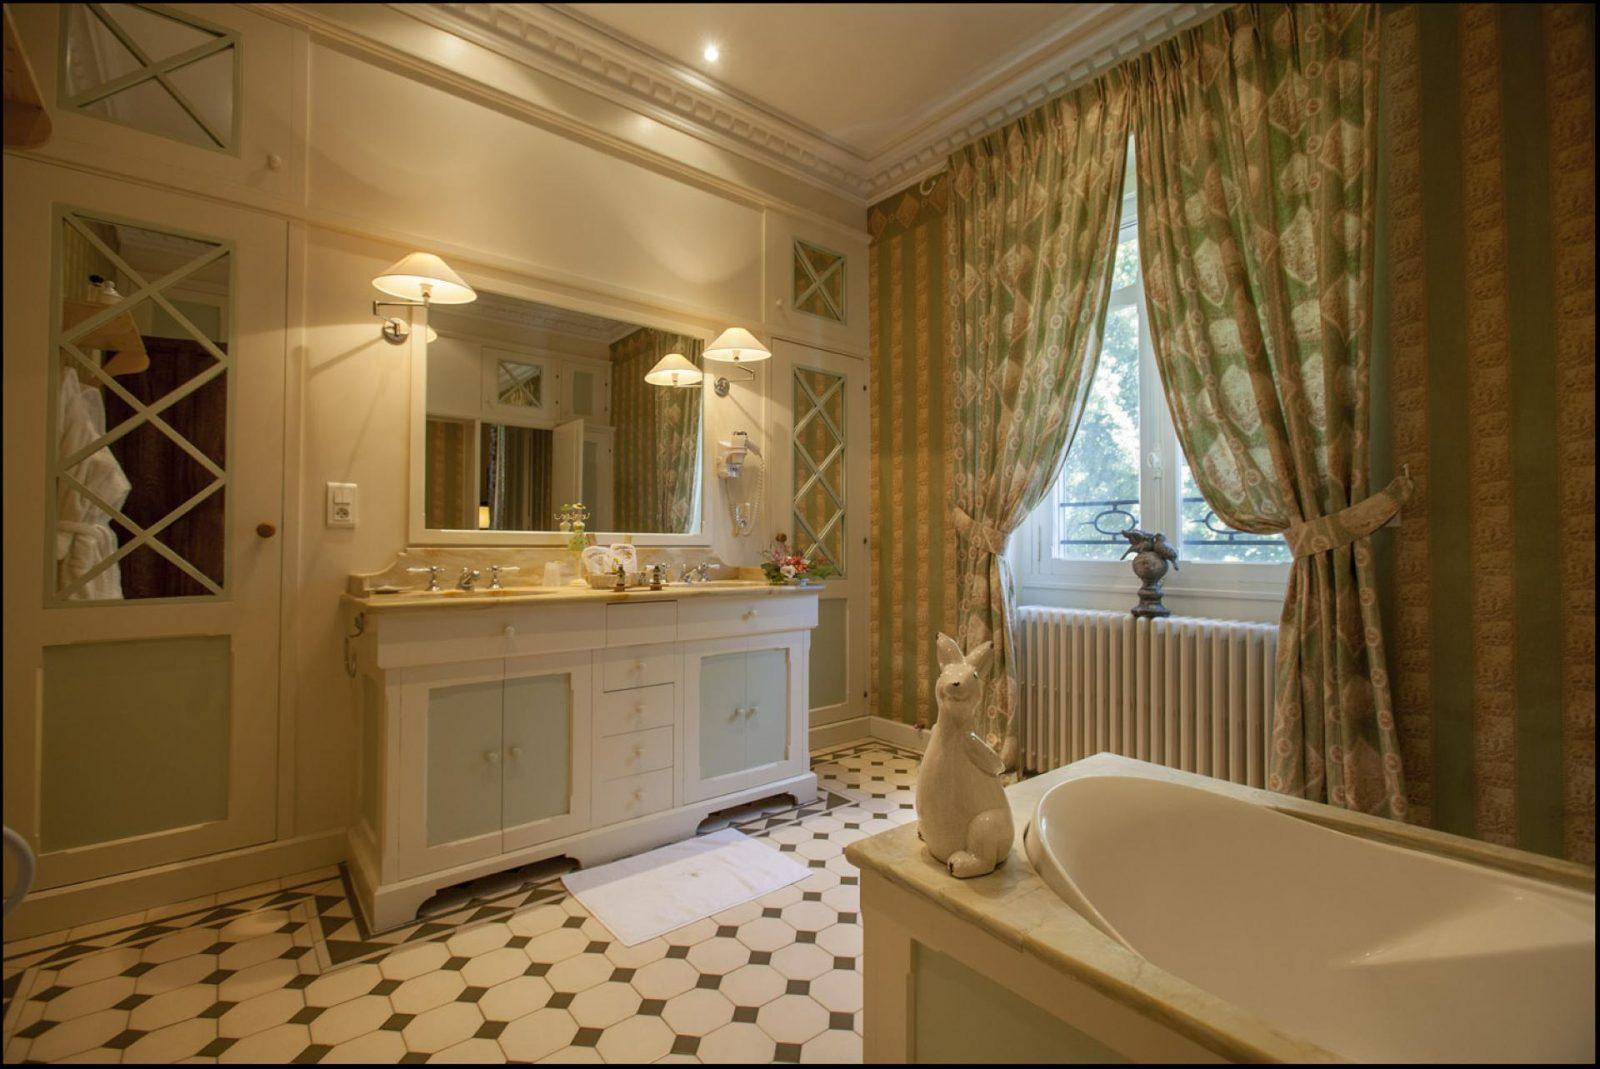 077 La Riviere bd_093 – Chambre Violet Le Duc 4